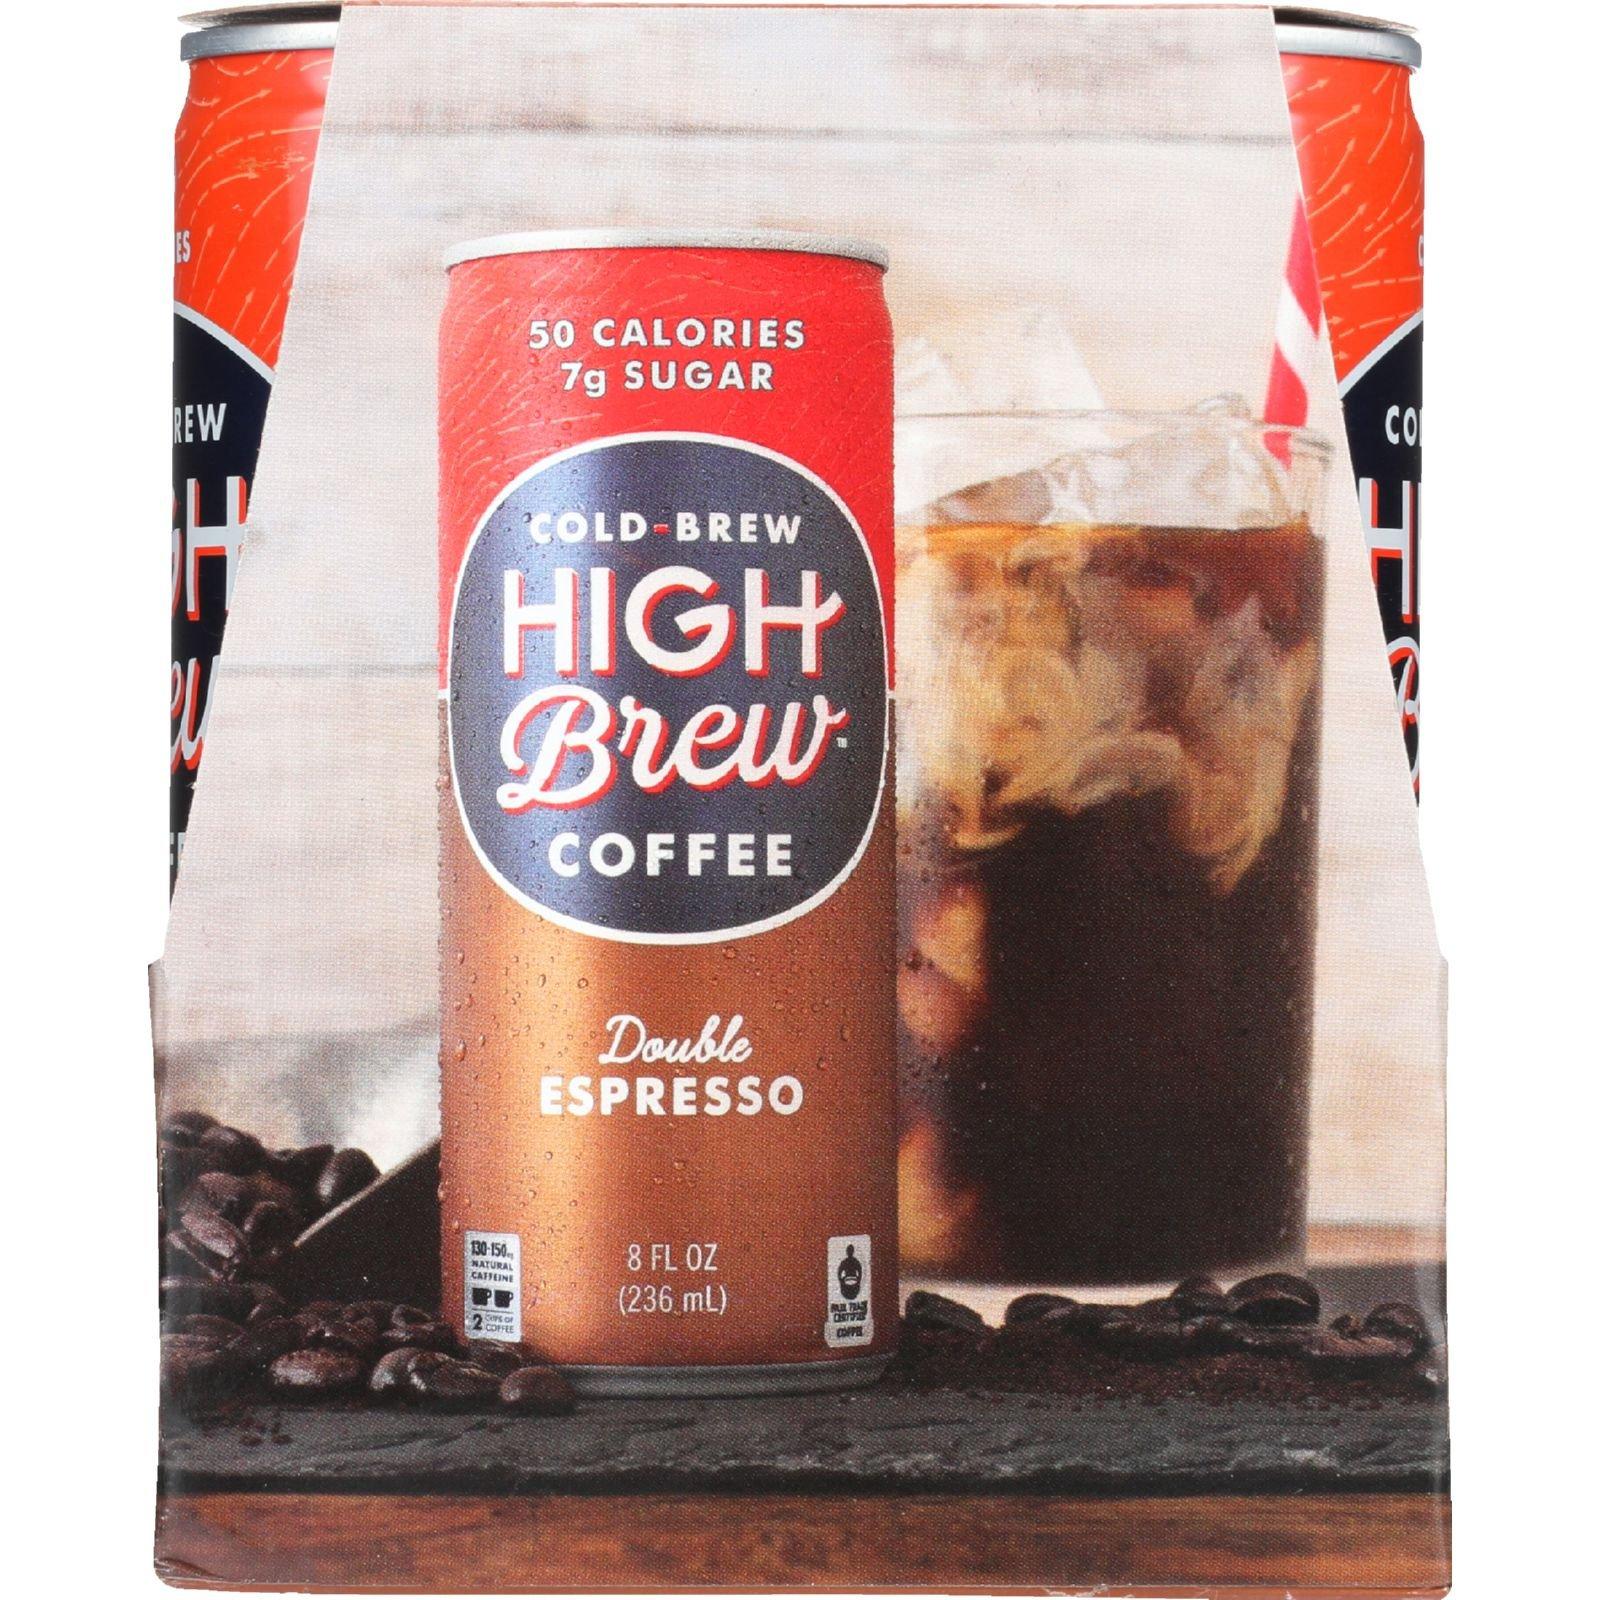 High Brew High Brew Coffee Double Espresso 4Pk, 32 oz by High Brew